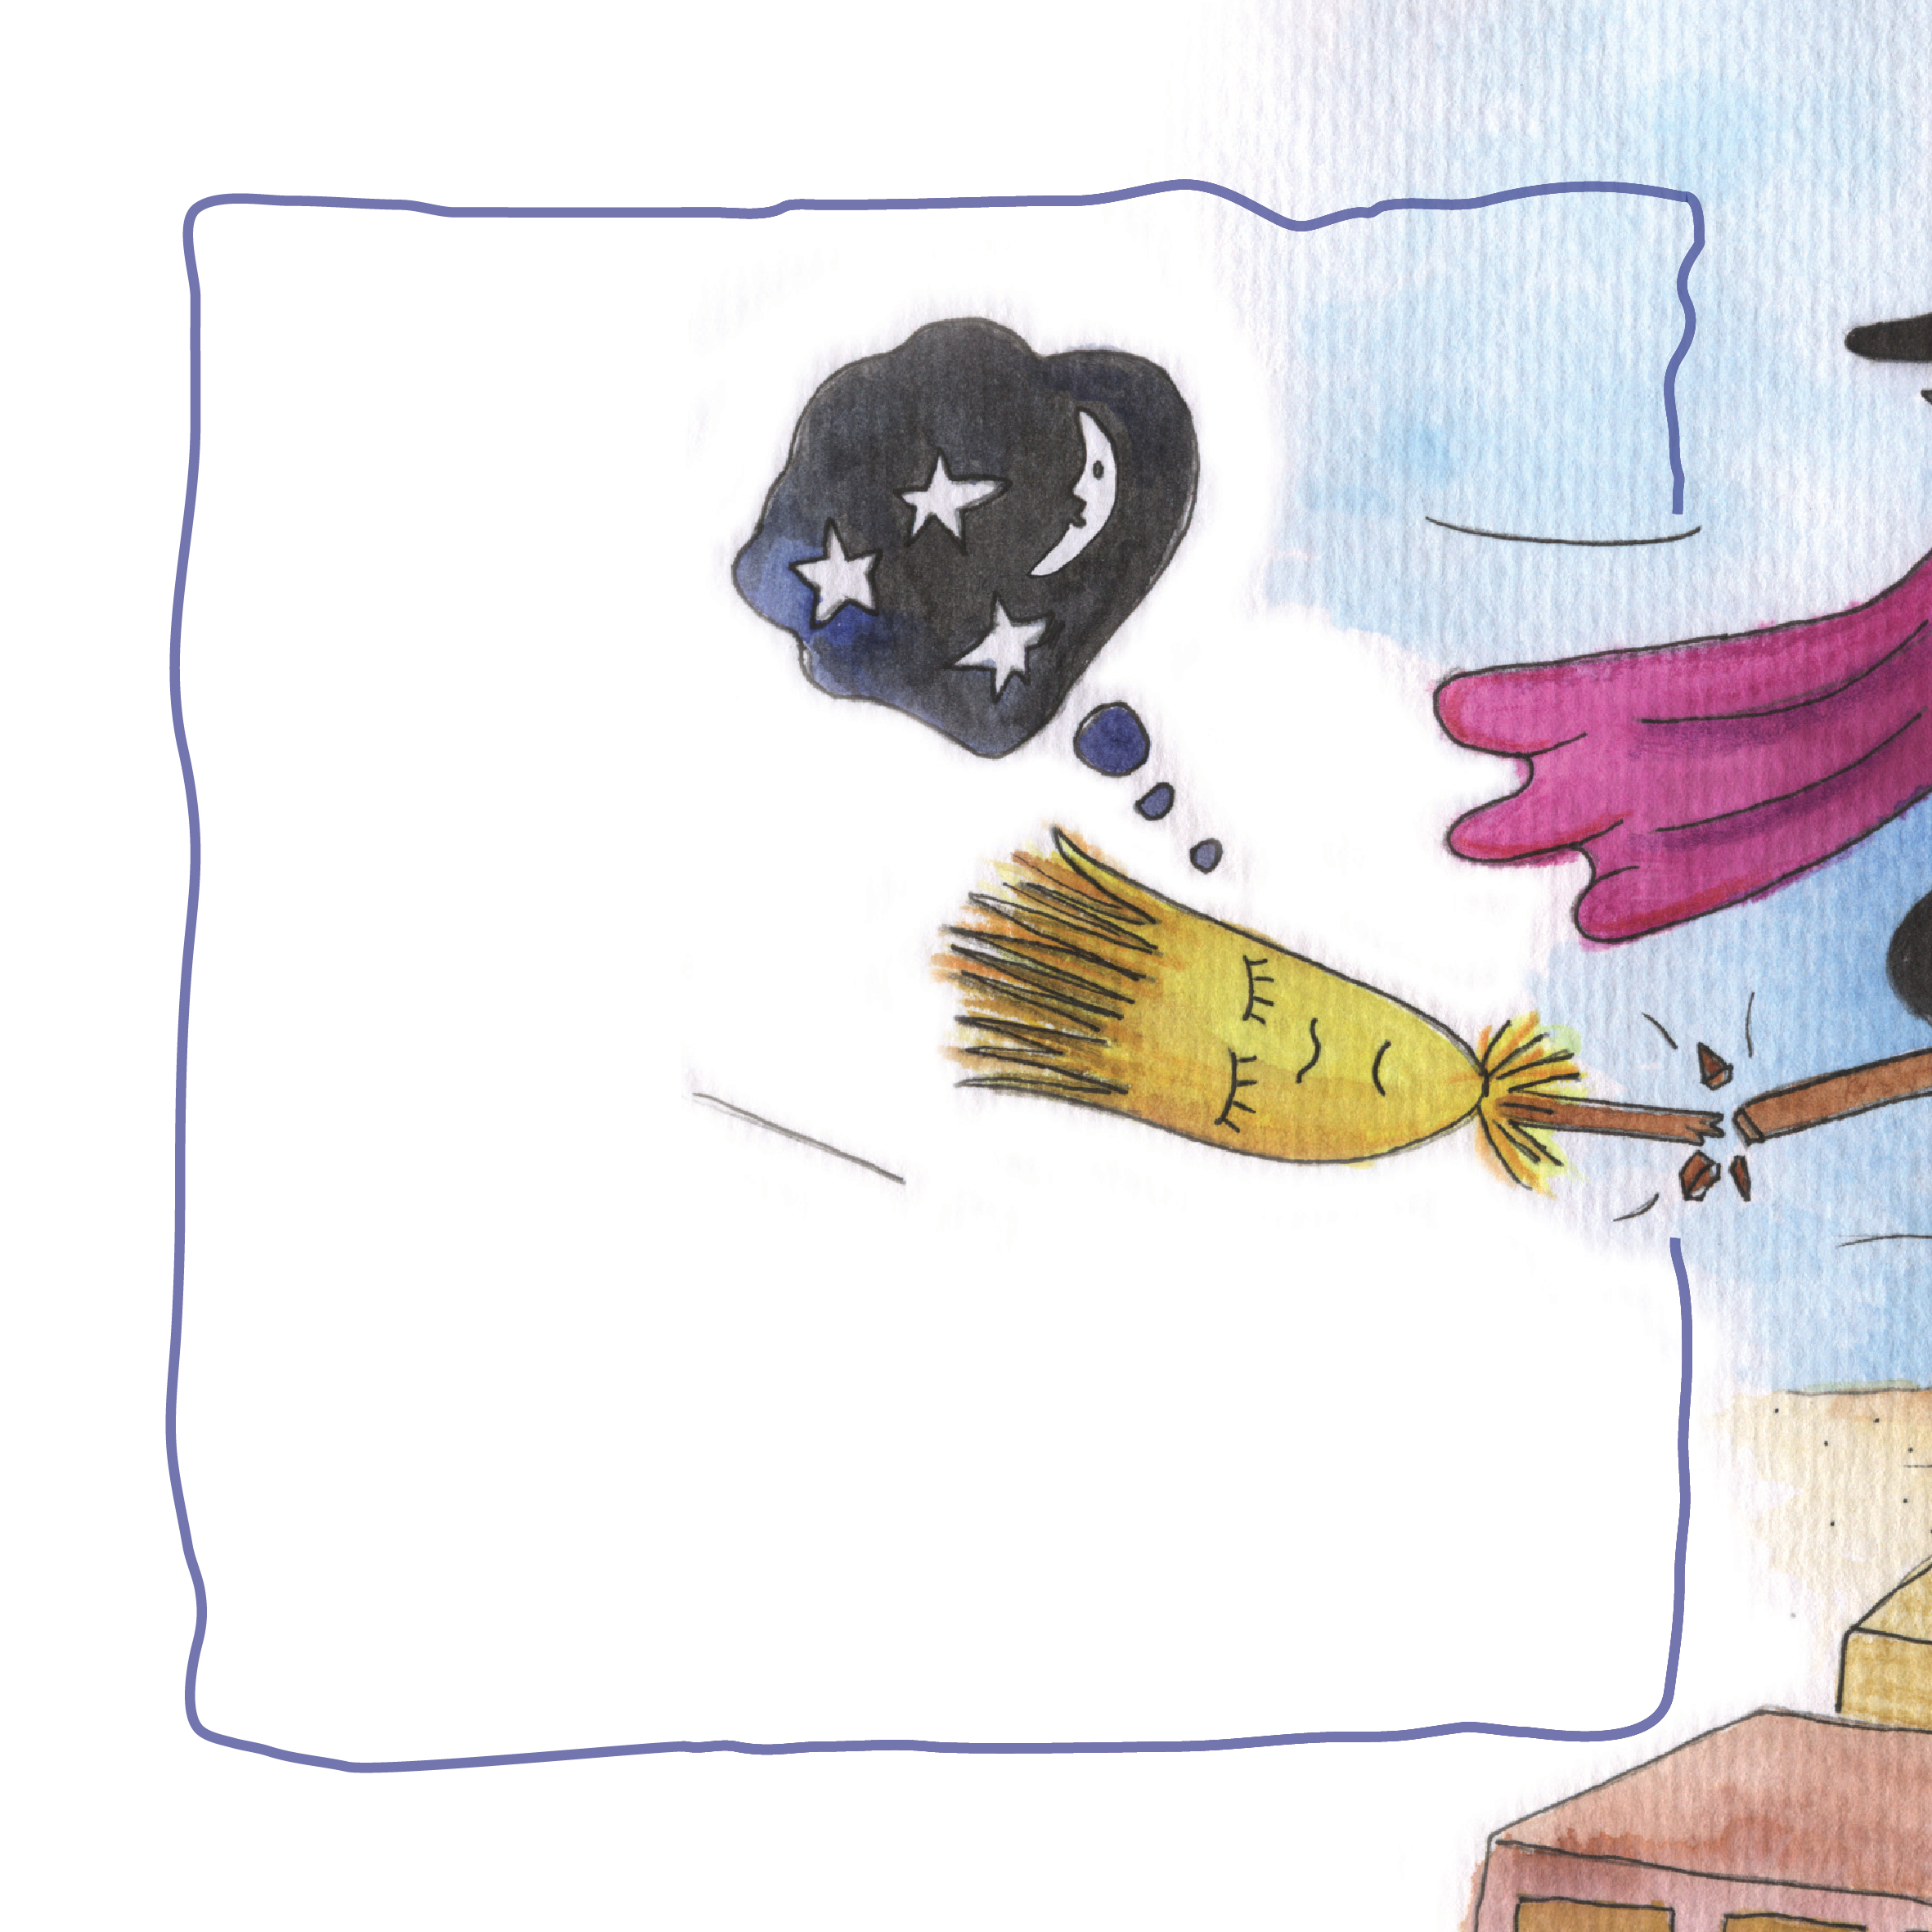 המכשפה פניה טסה בשמיים. איירה: טלי ניב-דולינסקי